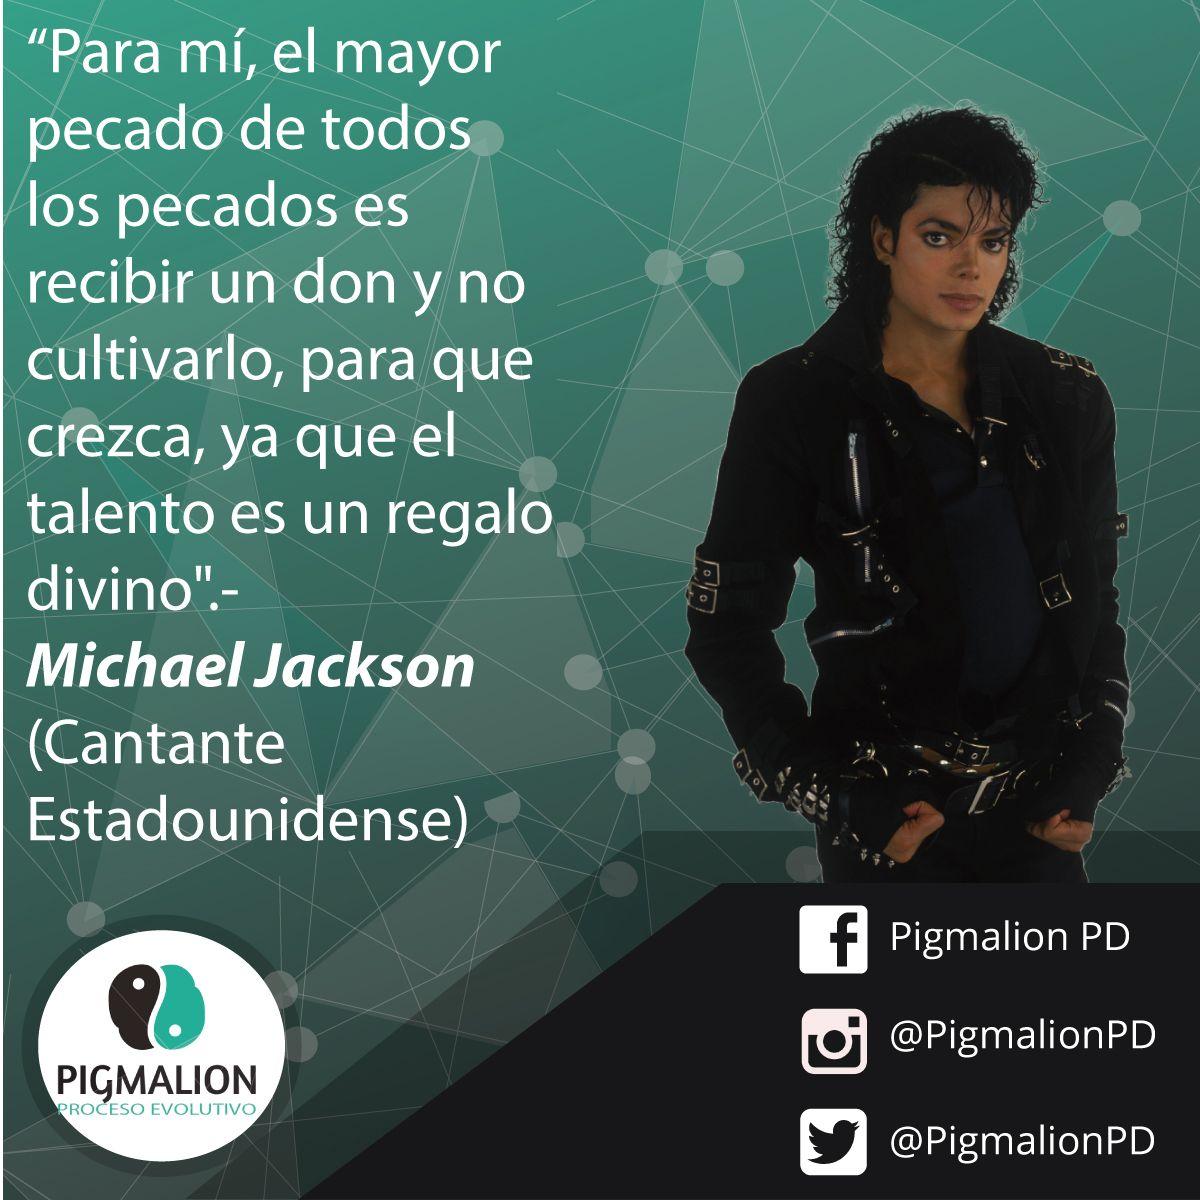 """""""Para mí, el mayor pecado de todos los pecados es revibir un don y no cultivarlo, para que crezca, ya que el talento es un regalo divino"""".- Michael Jackson (cantante Estadounidense) #PigmalionPD #ProcesoEvolutivo #DesarrolloPersonal"""